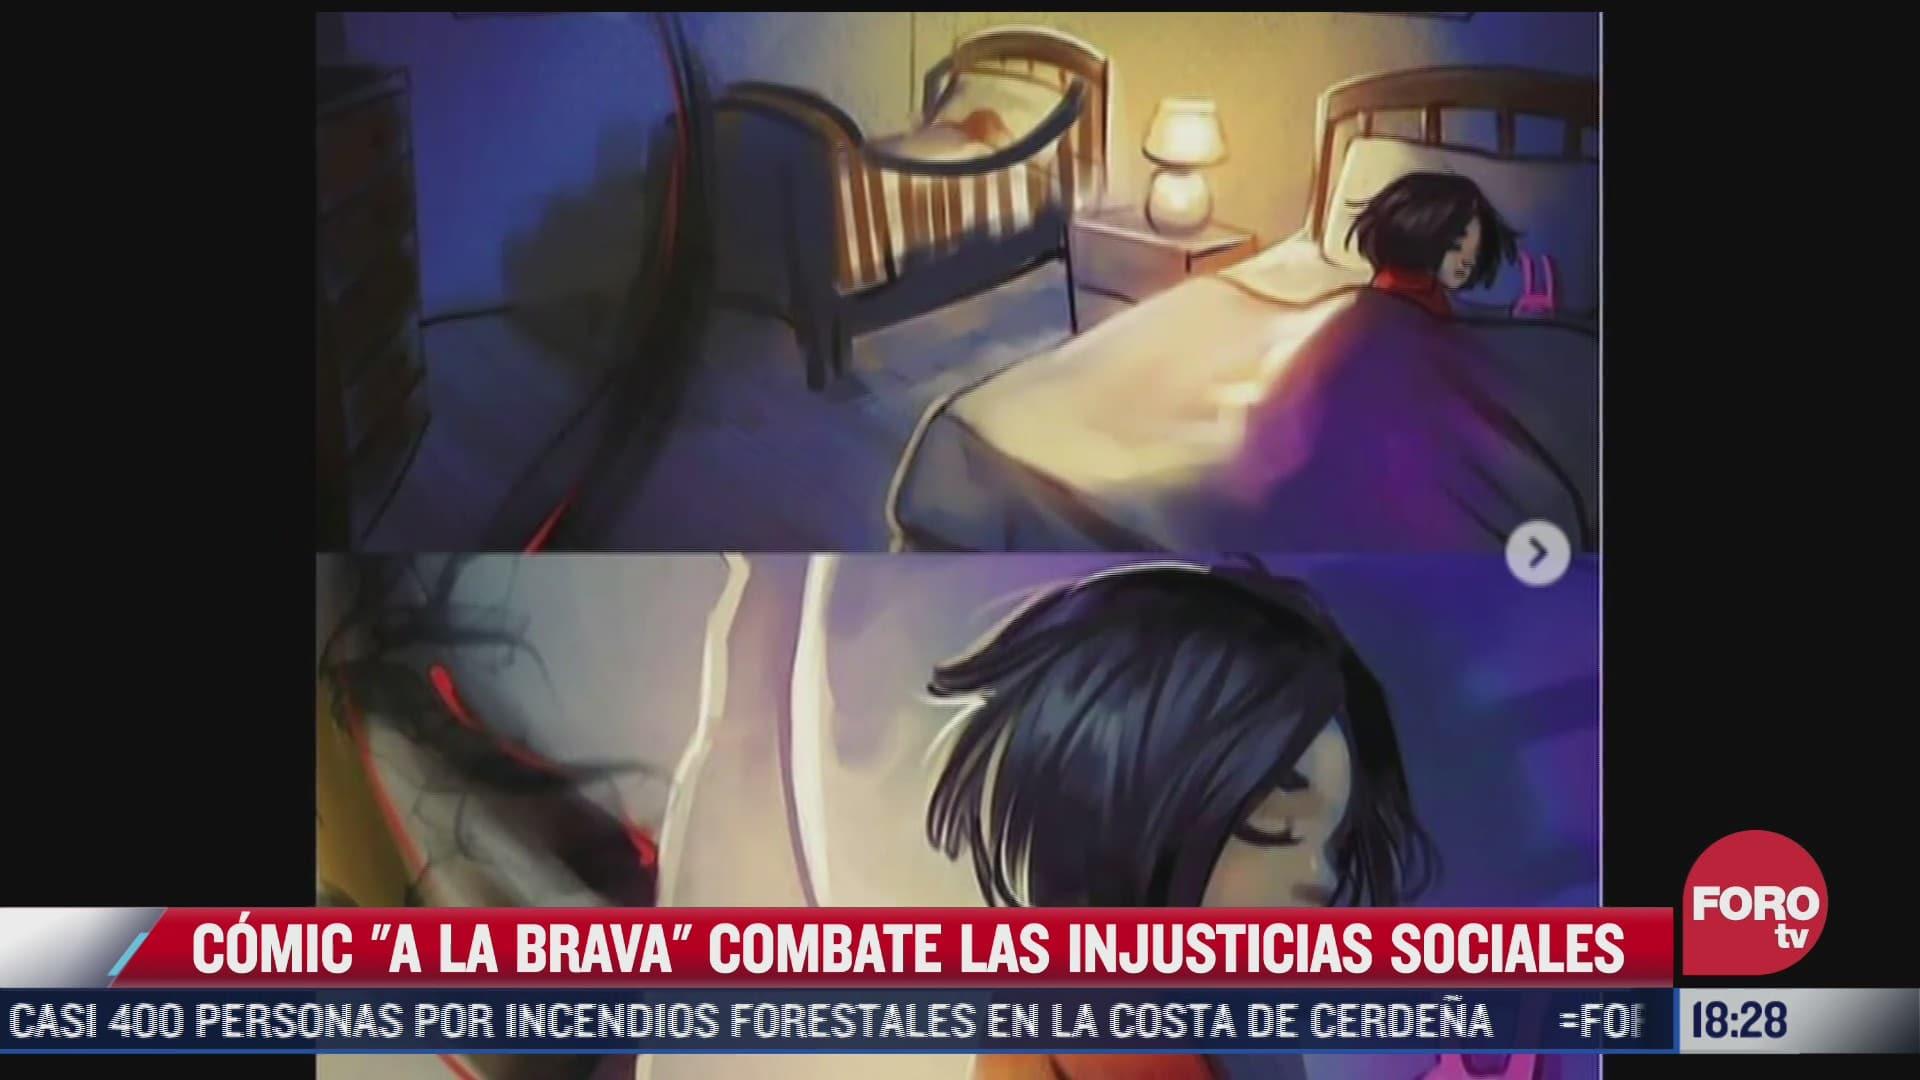 comic a la brava combate las injusticias sociales